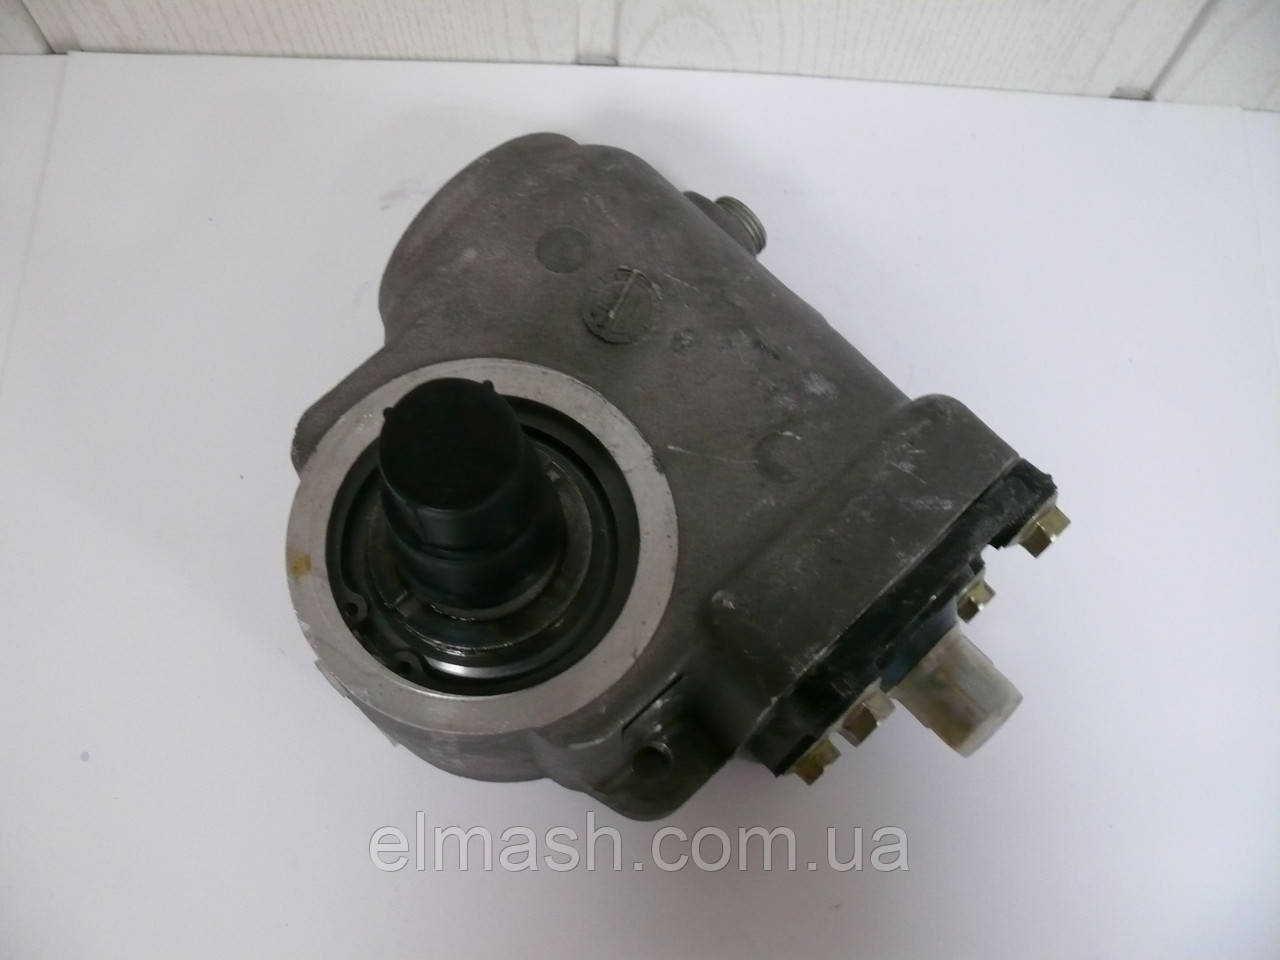 Механизм рулевой ГАЗЕЛЬ (алюминевый корпус) (пр-во Автогидроусилитель)